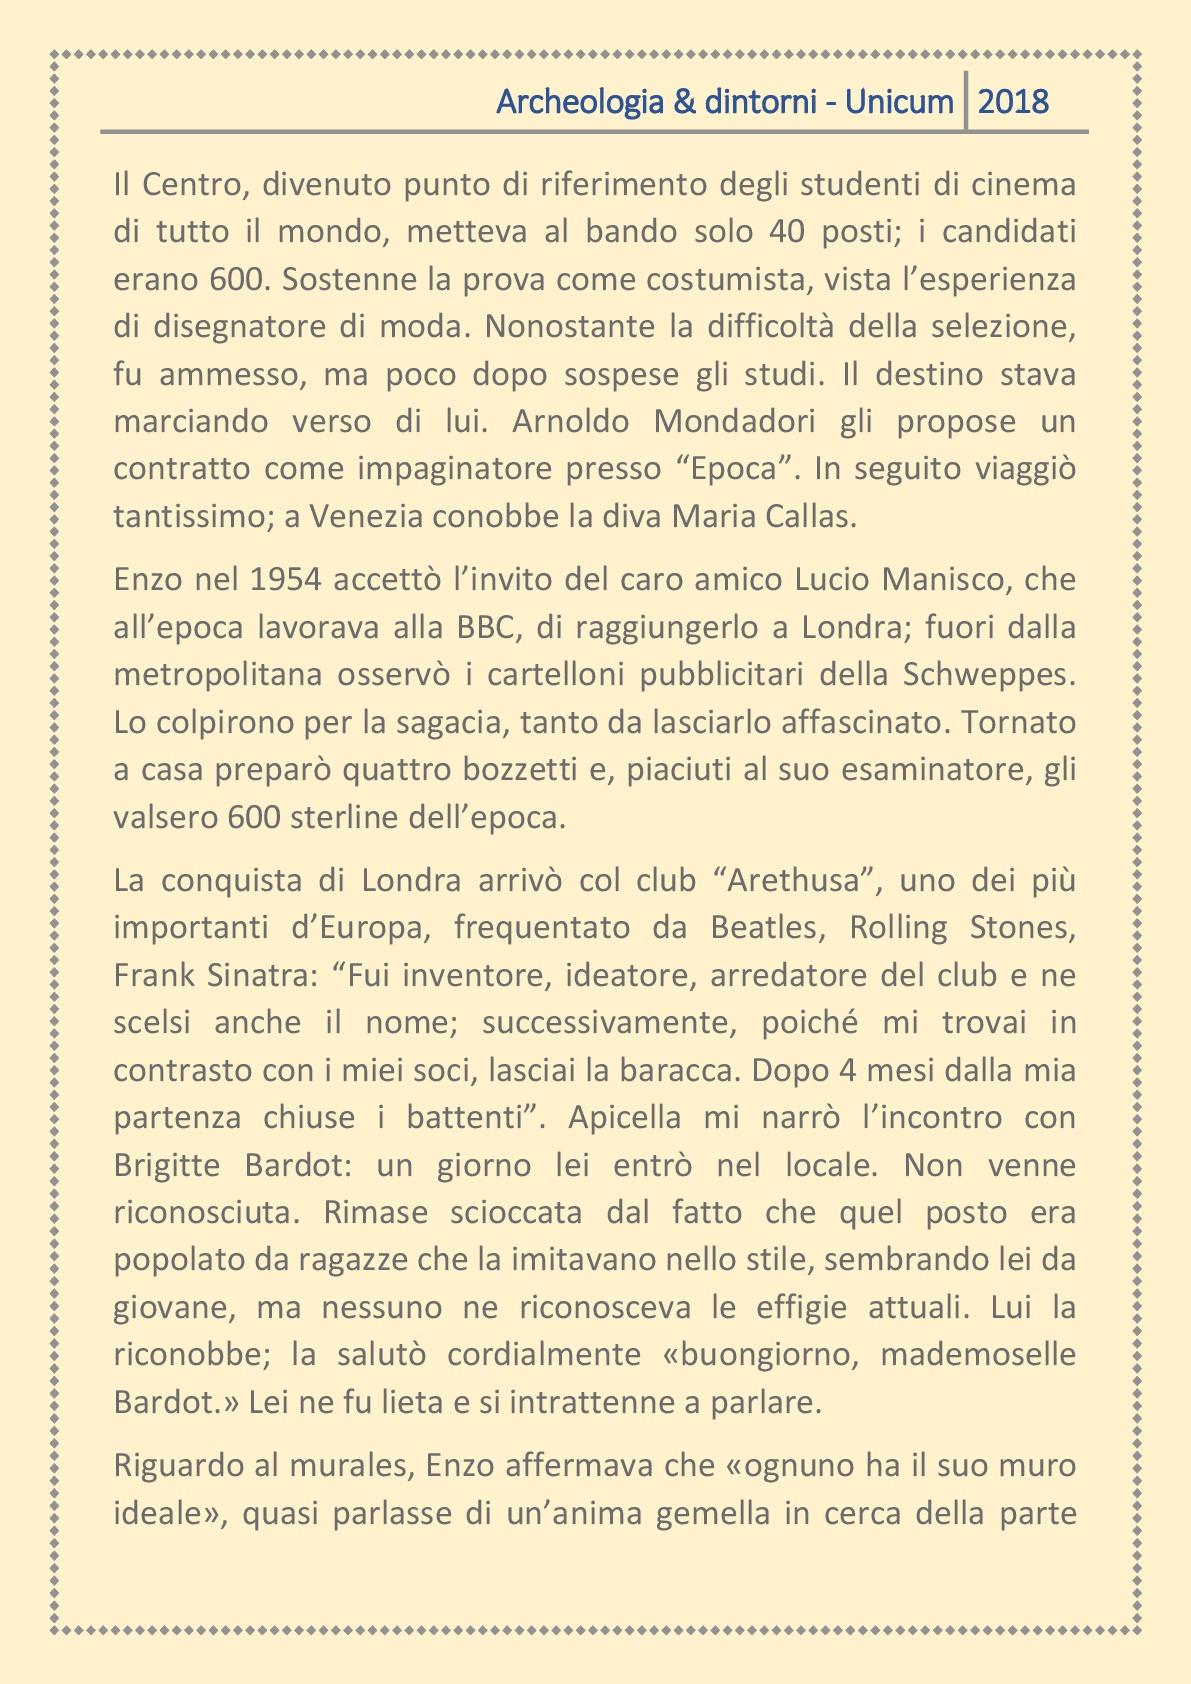 Enzo_Apicella-003